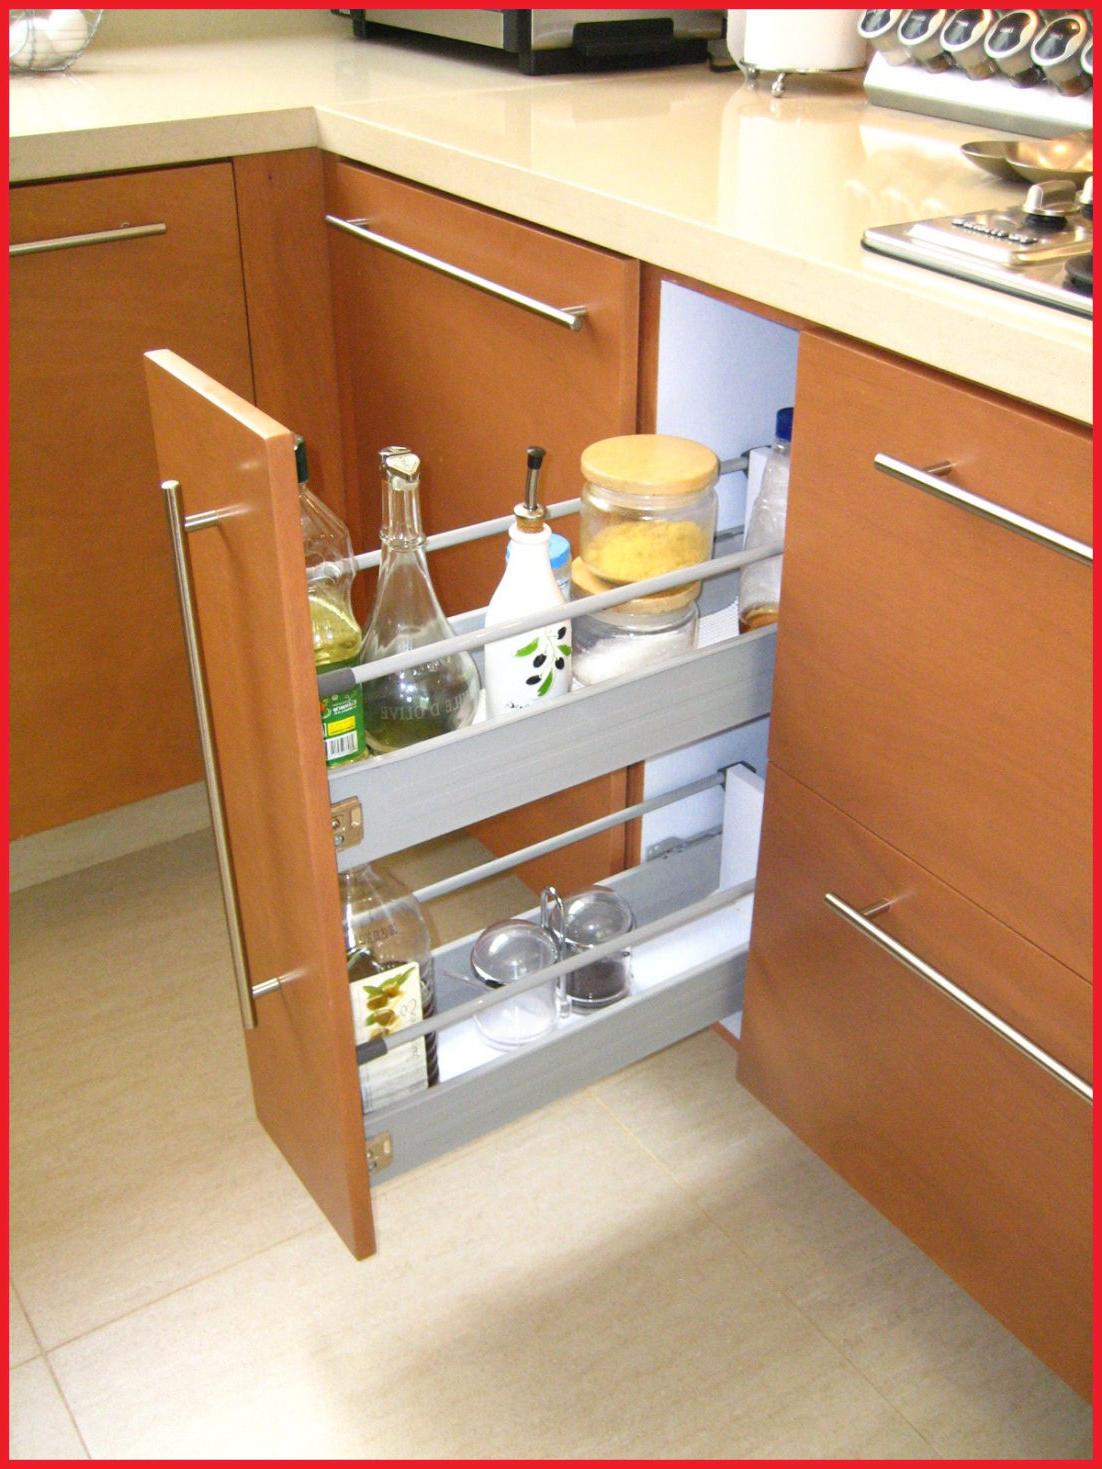 Accesorios Para Muebles De Cocina Gdd0 Accesorios Para Cocina De Muebles Stunning Accesorios Cocina